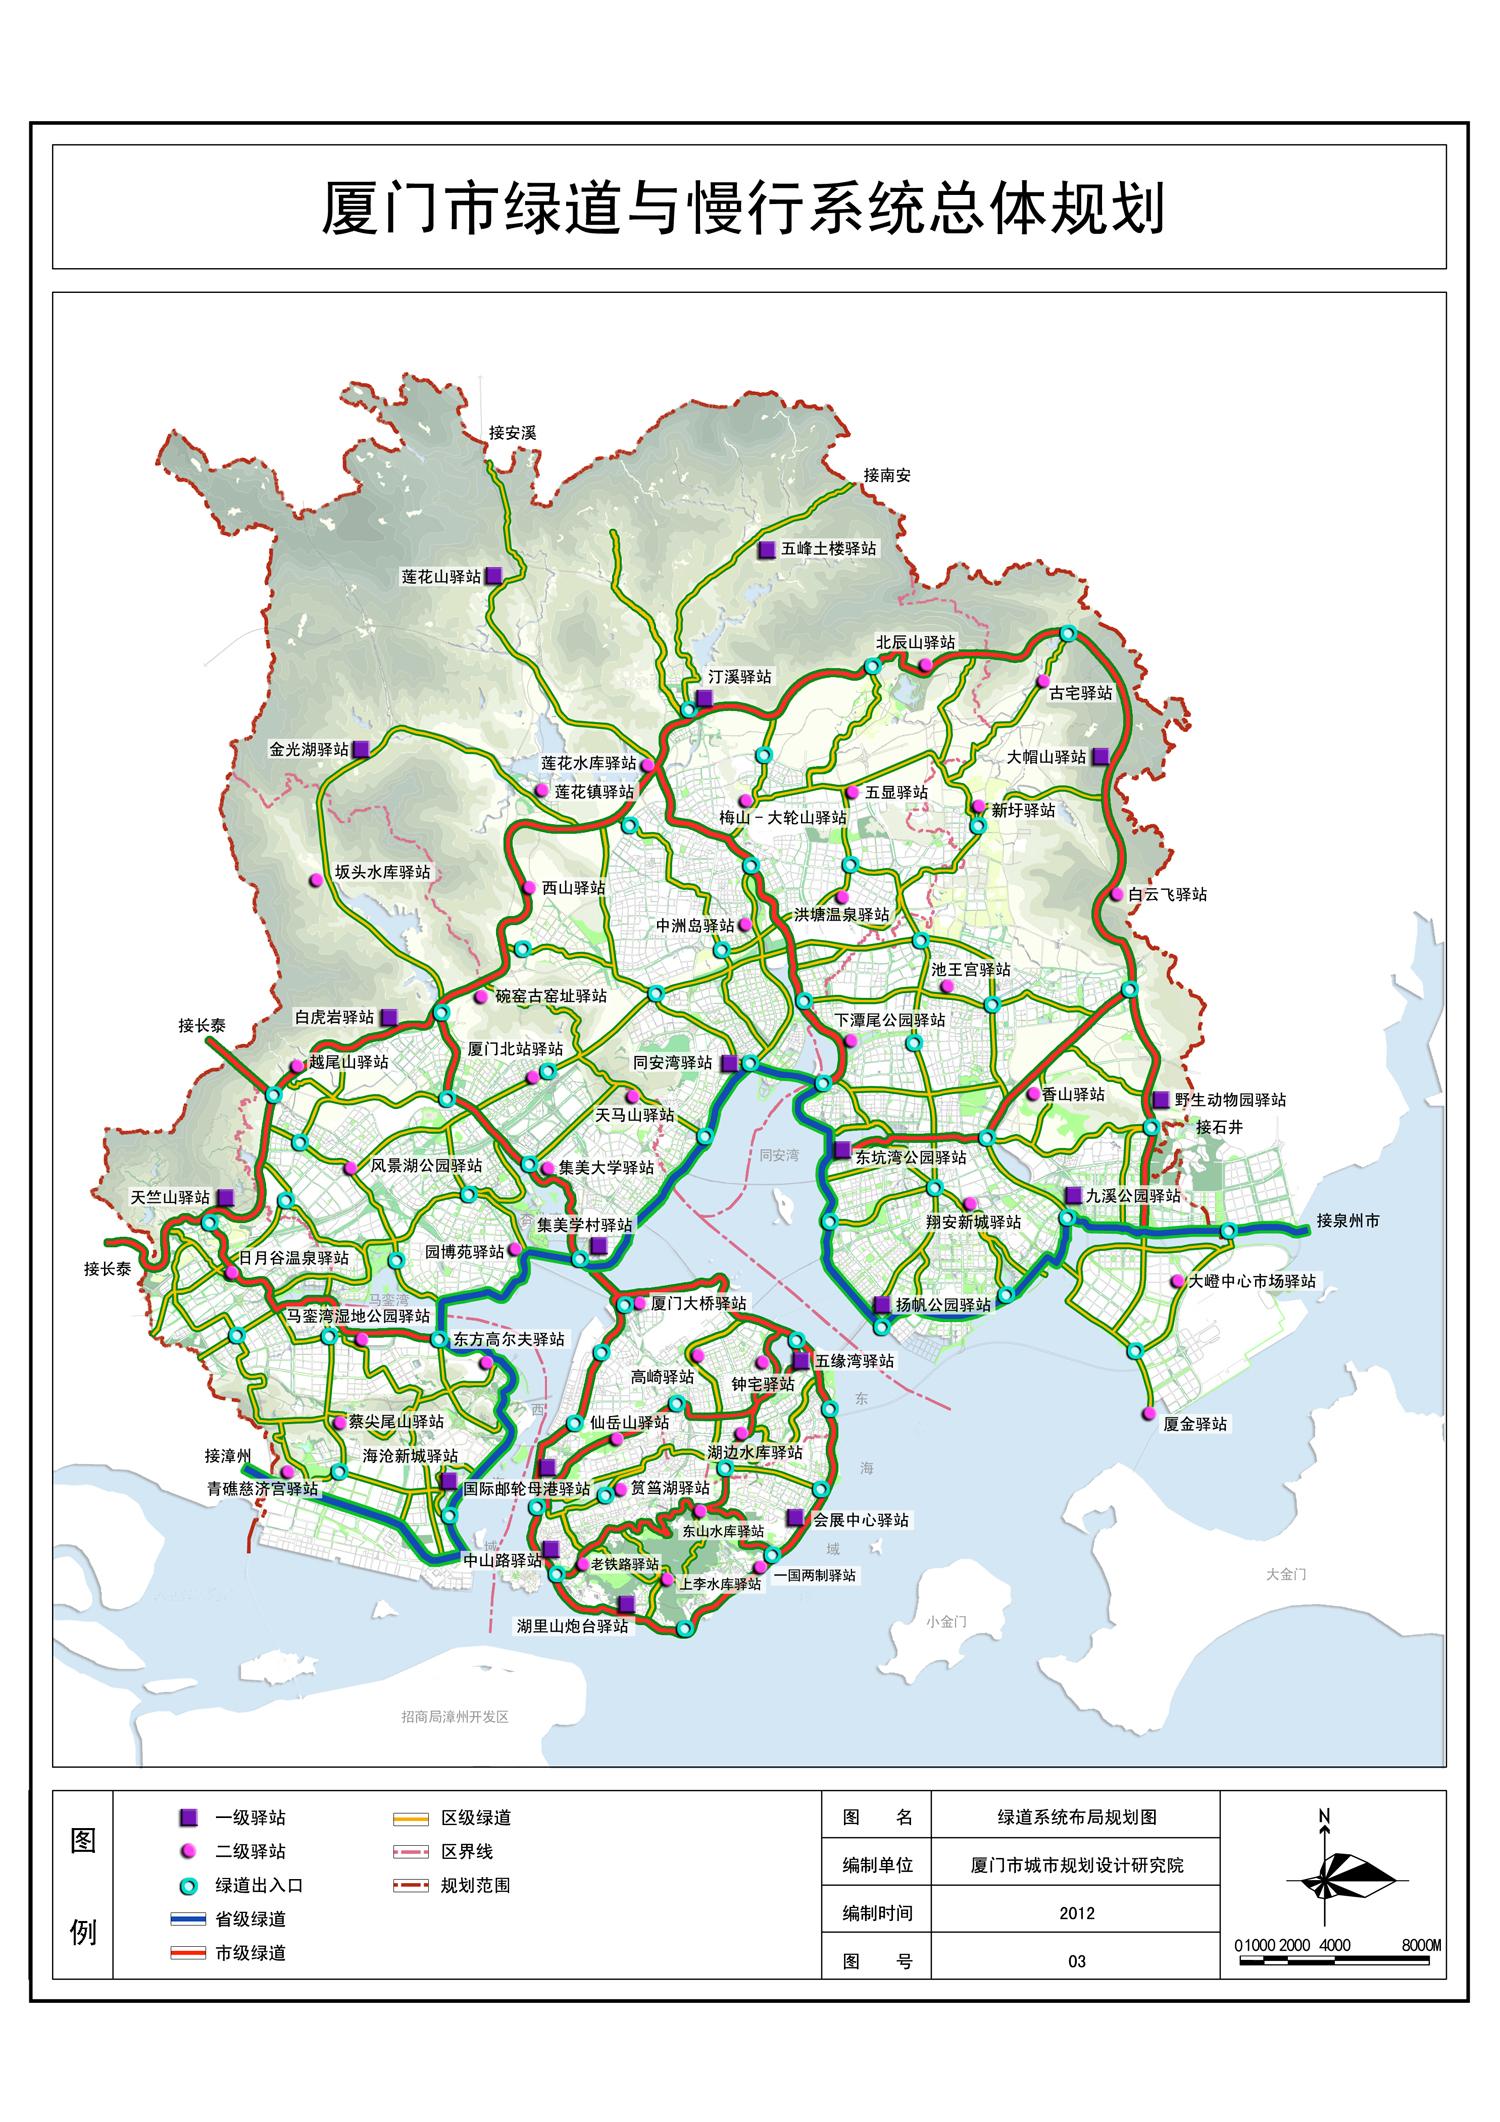 厦门海沧区招聘_厦门市绿道与慢行系统总体规划 - 福建省城市规划 - (CAUP.NET)